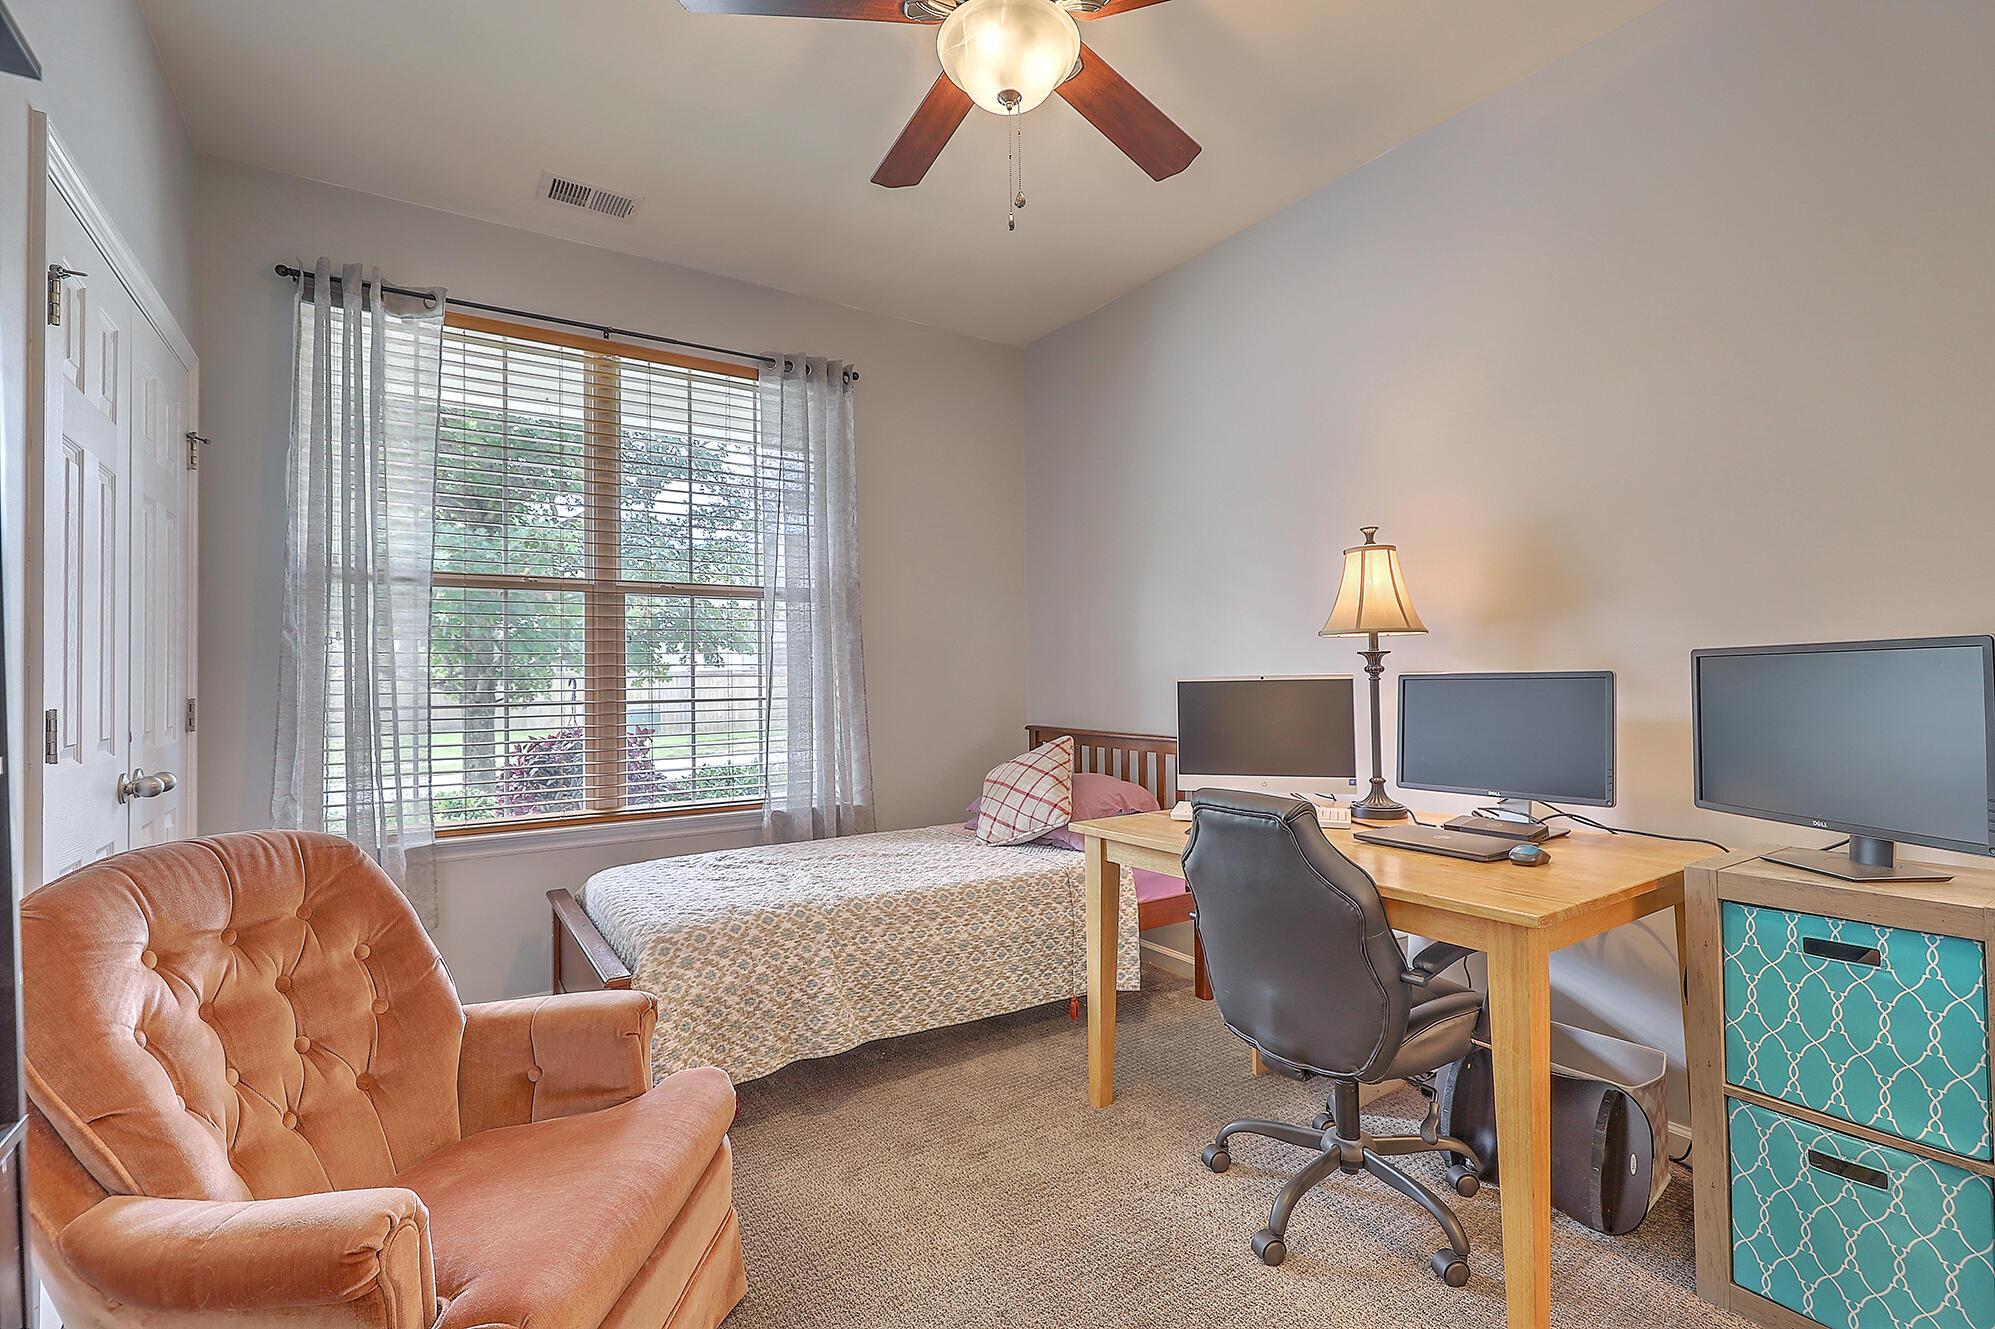 Lieben Park Homes For Sale - 3631 Franklin Tower, Mount Pleasant, SC - 15